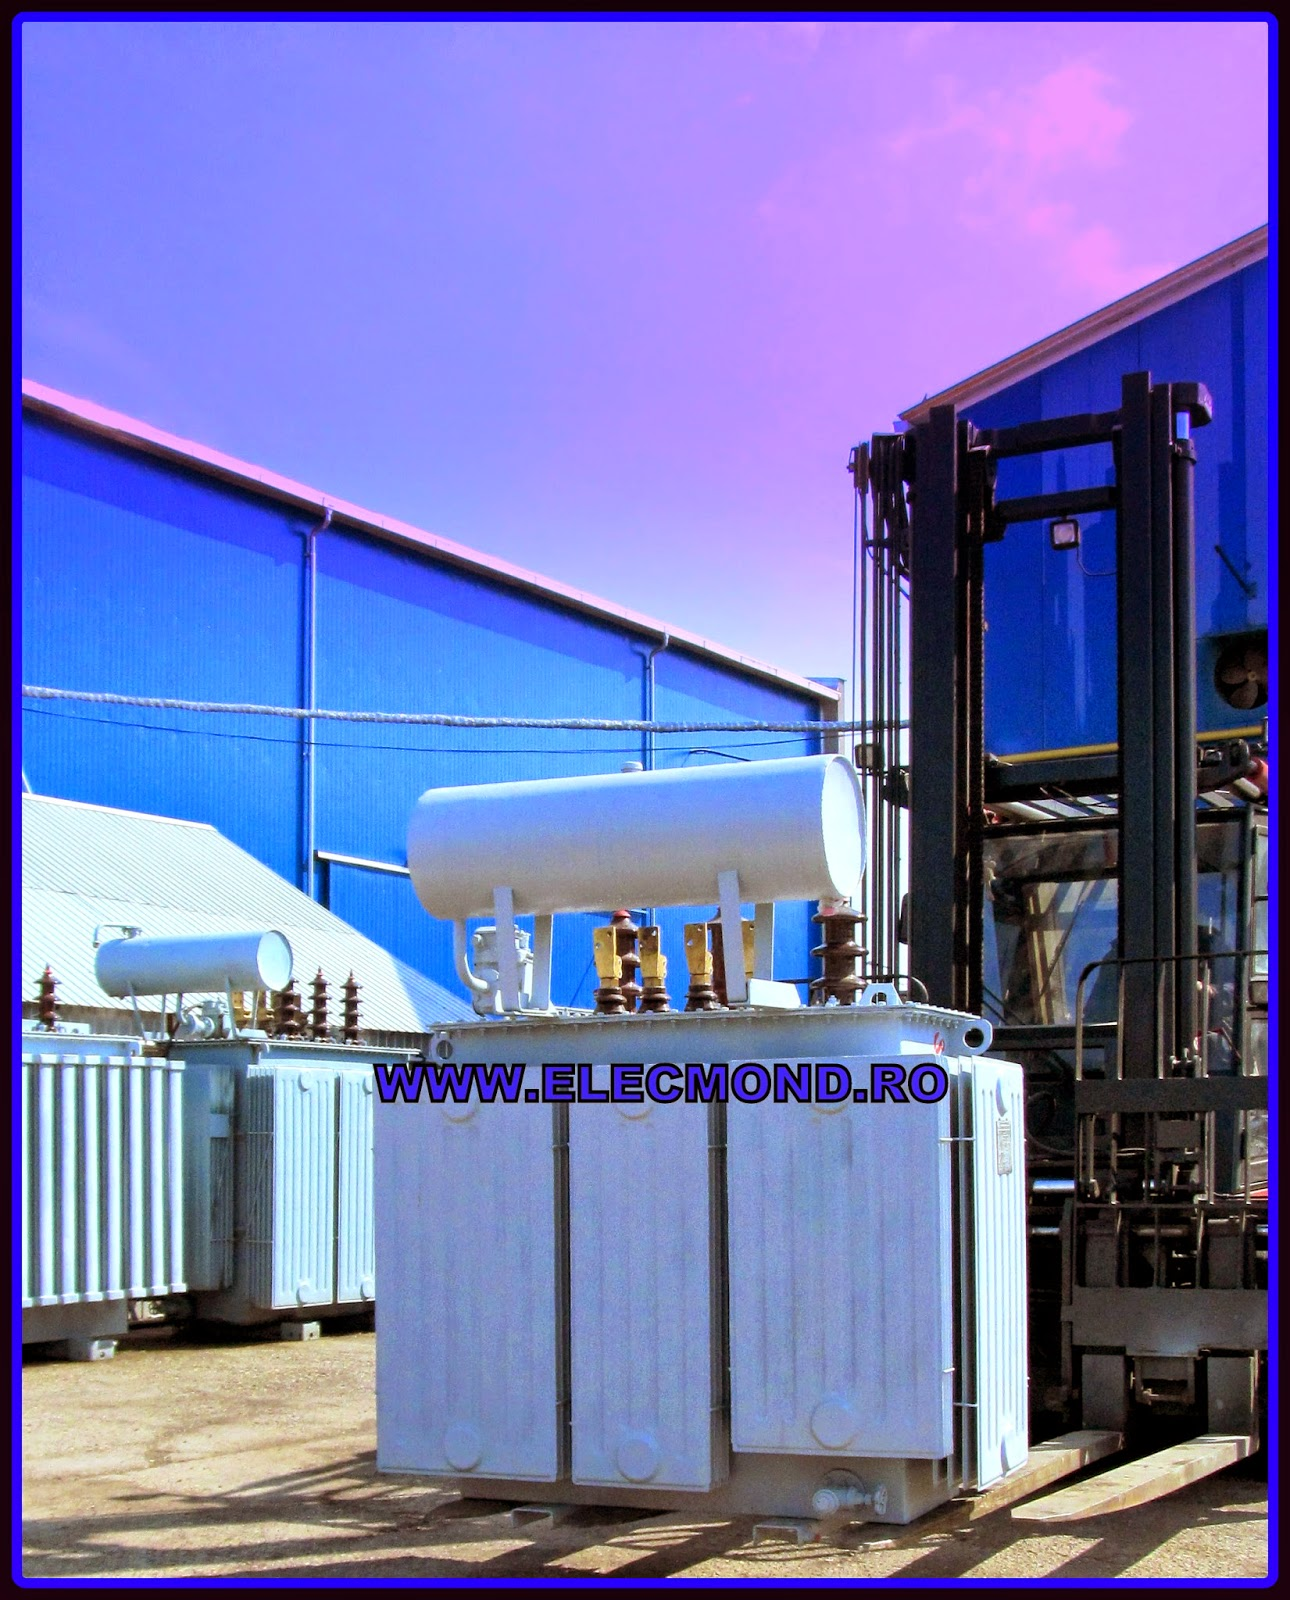 Transformator 630 kVA , transformatoare 630 kVA , Elecmond Electric , trafo , transformatoare de putere , transformatoare in ulei , trafo pret , transformatoare electrice